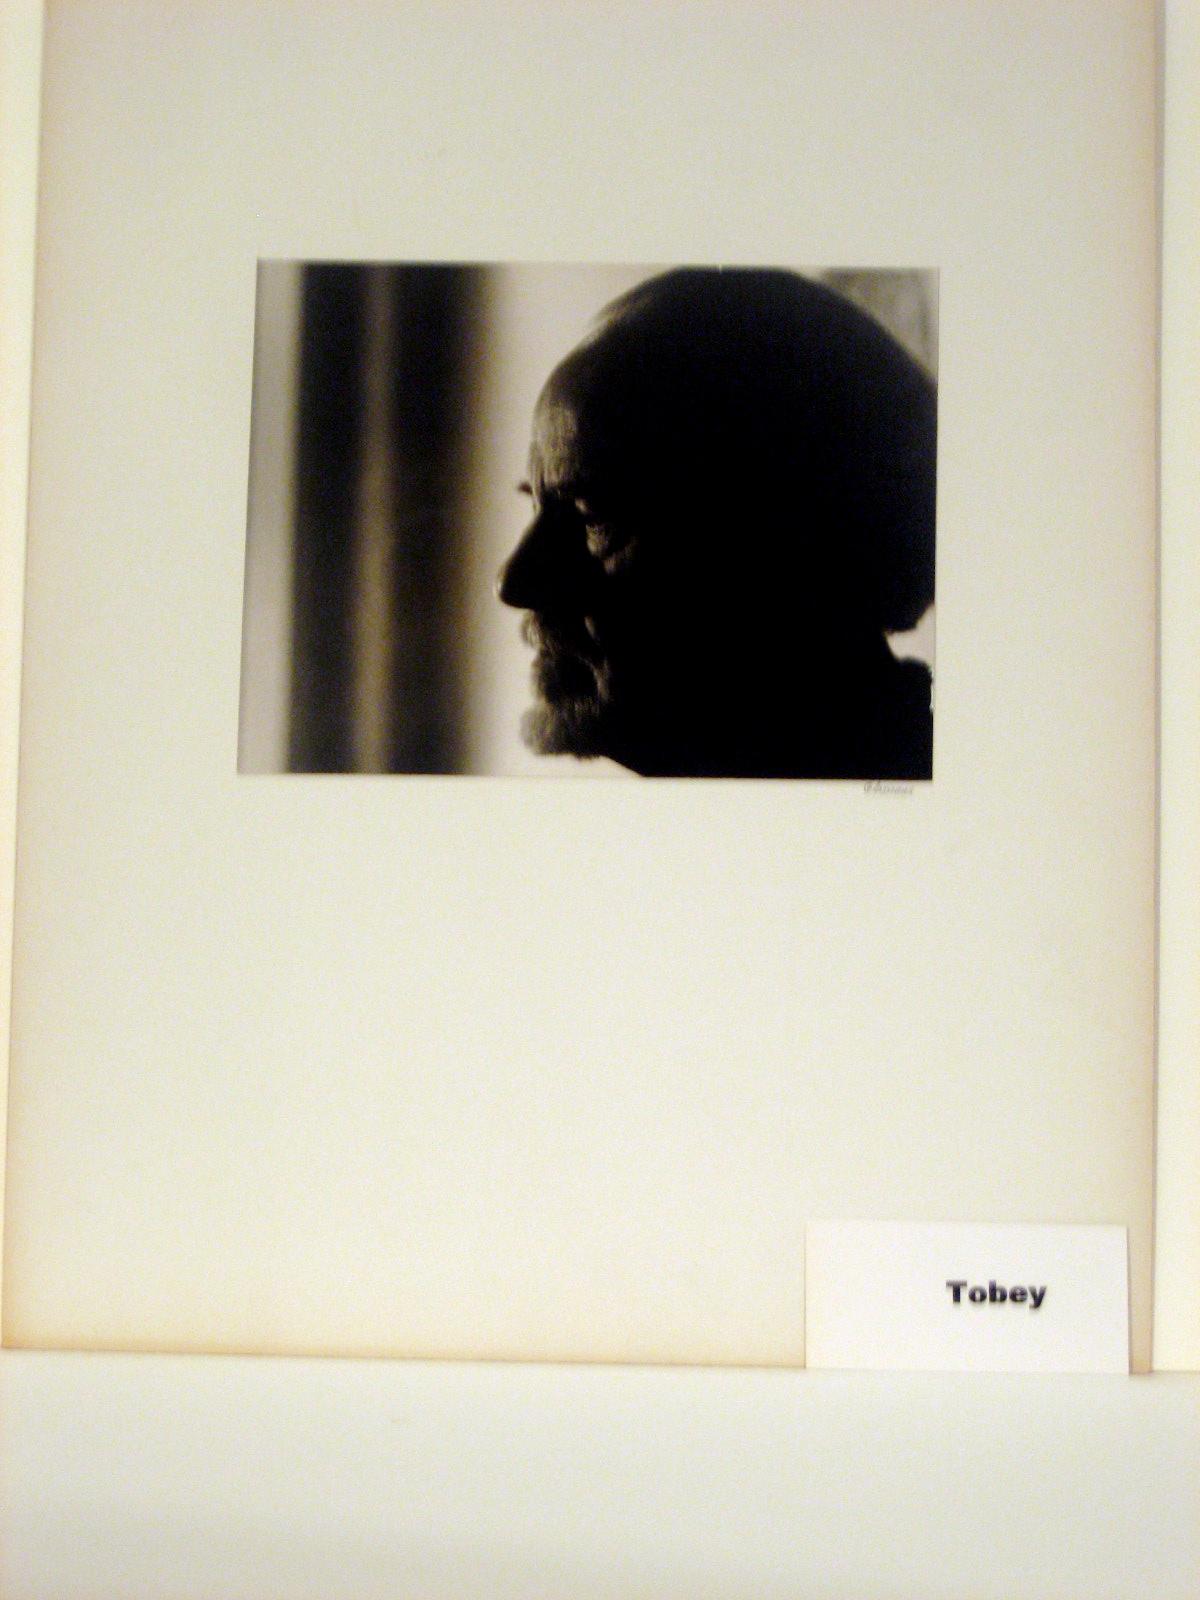 Tobey 2.jpg